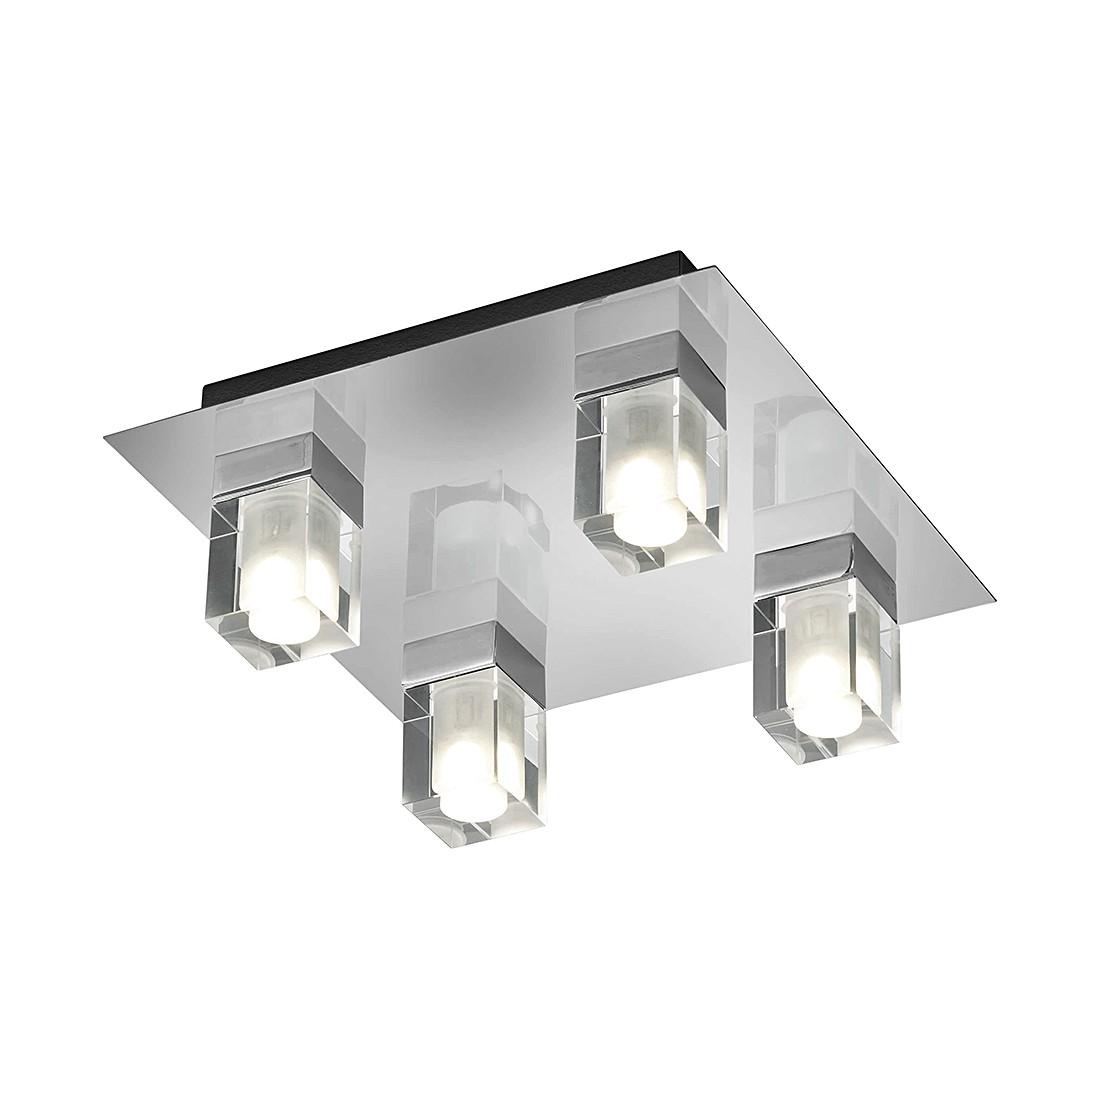 EEK A+, LED-Deckenleuchte – Metall – Chrom – 4-flammig, Trio online kaufen